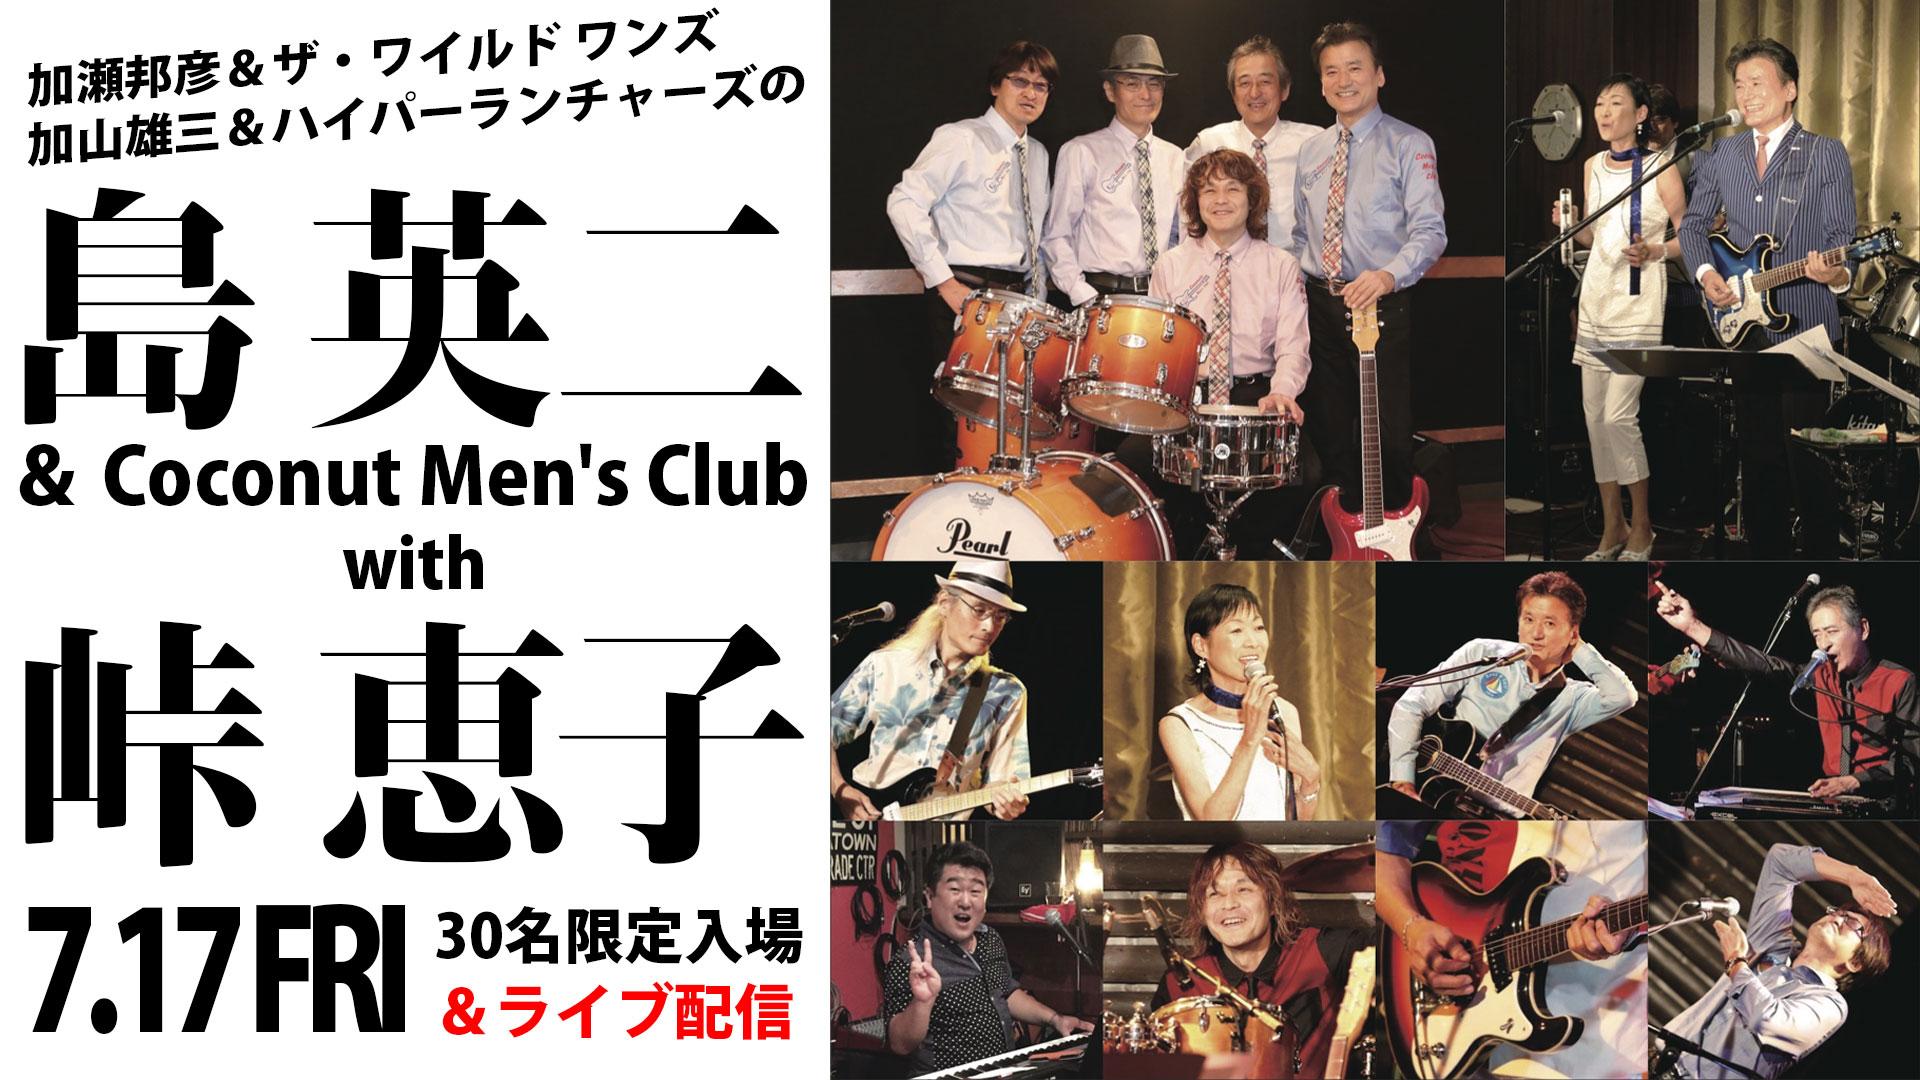 【30名限定入場&ライブ配信】島 英二 & Coconut Men's Club with 峠恵子